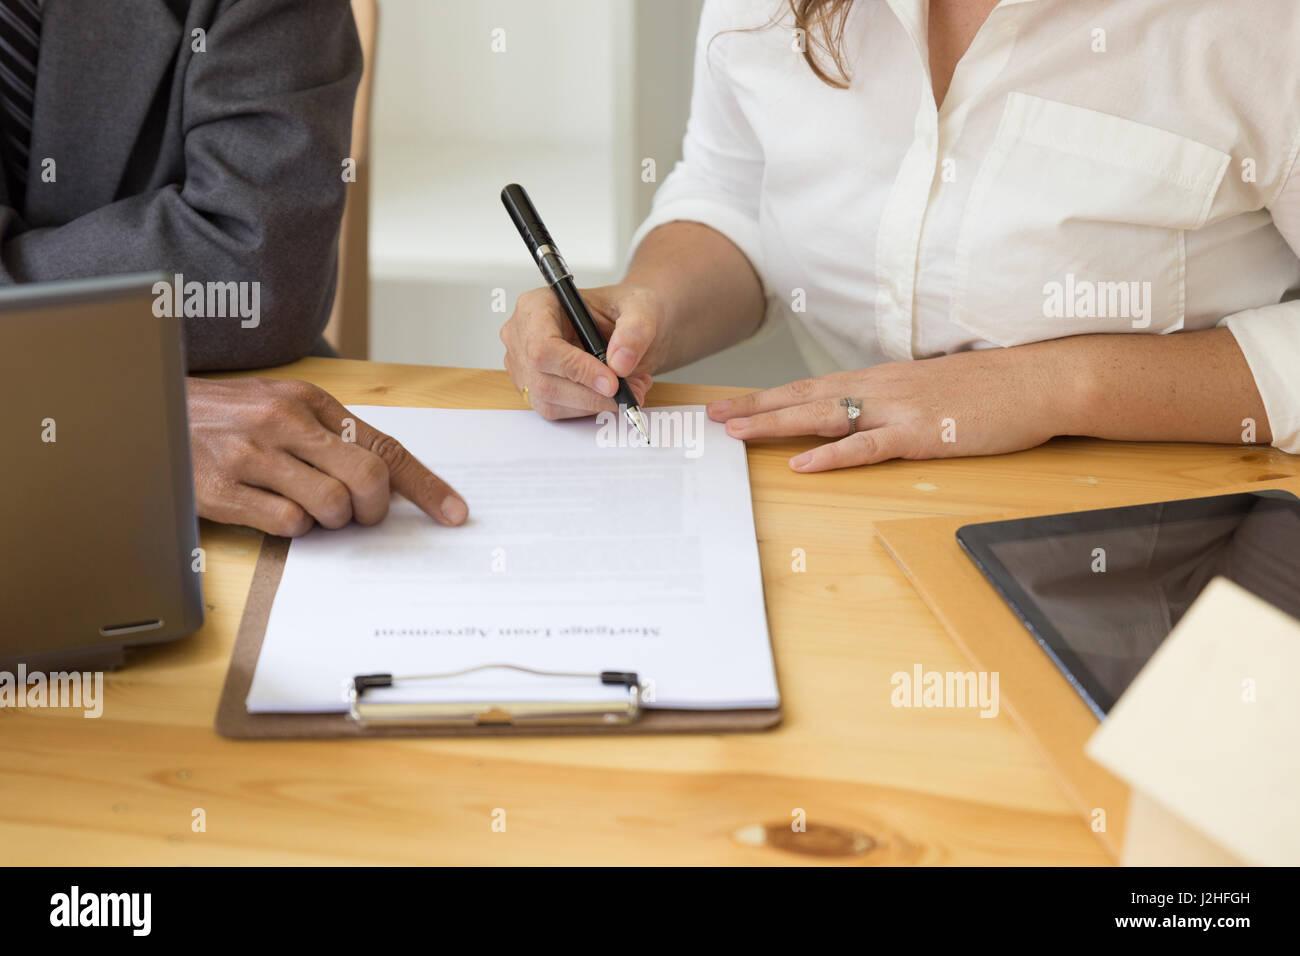 Zarte Frauenhand Kugelschreiber Schreiben Auf Papier Vereinbarung Zu